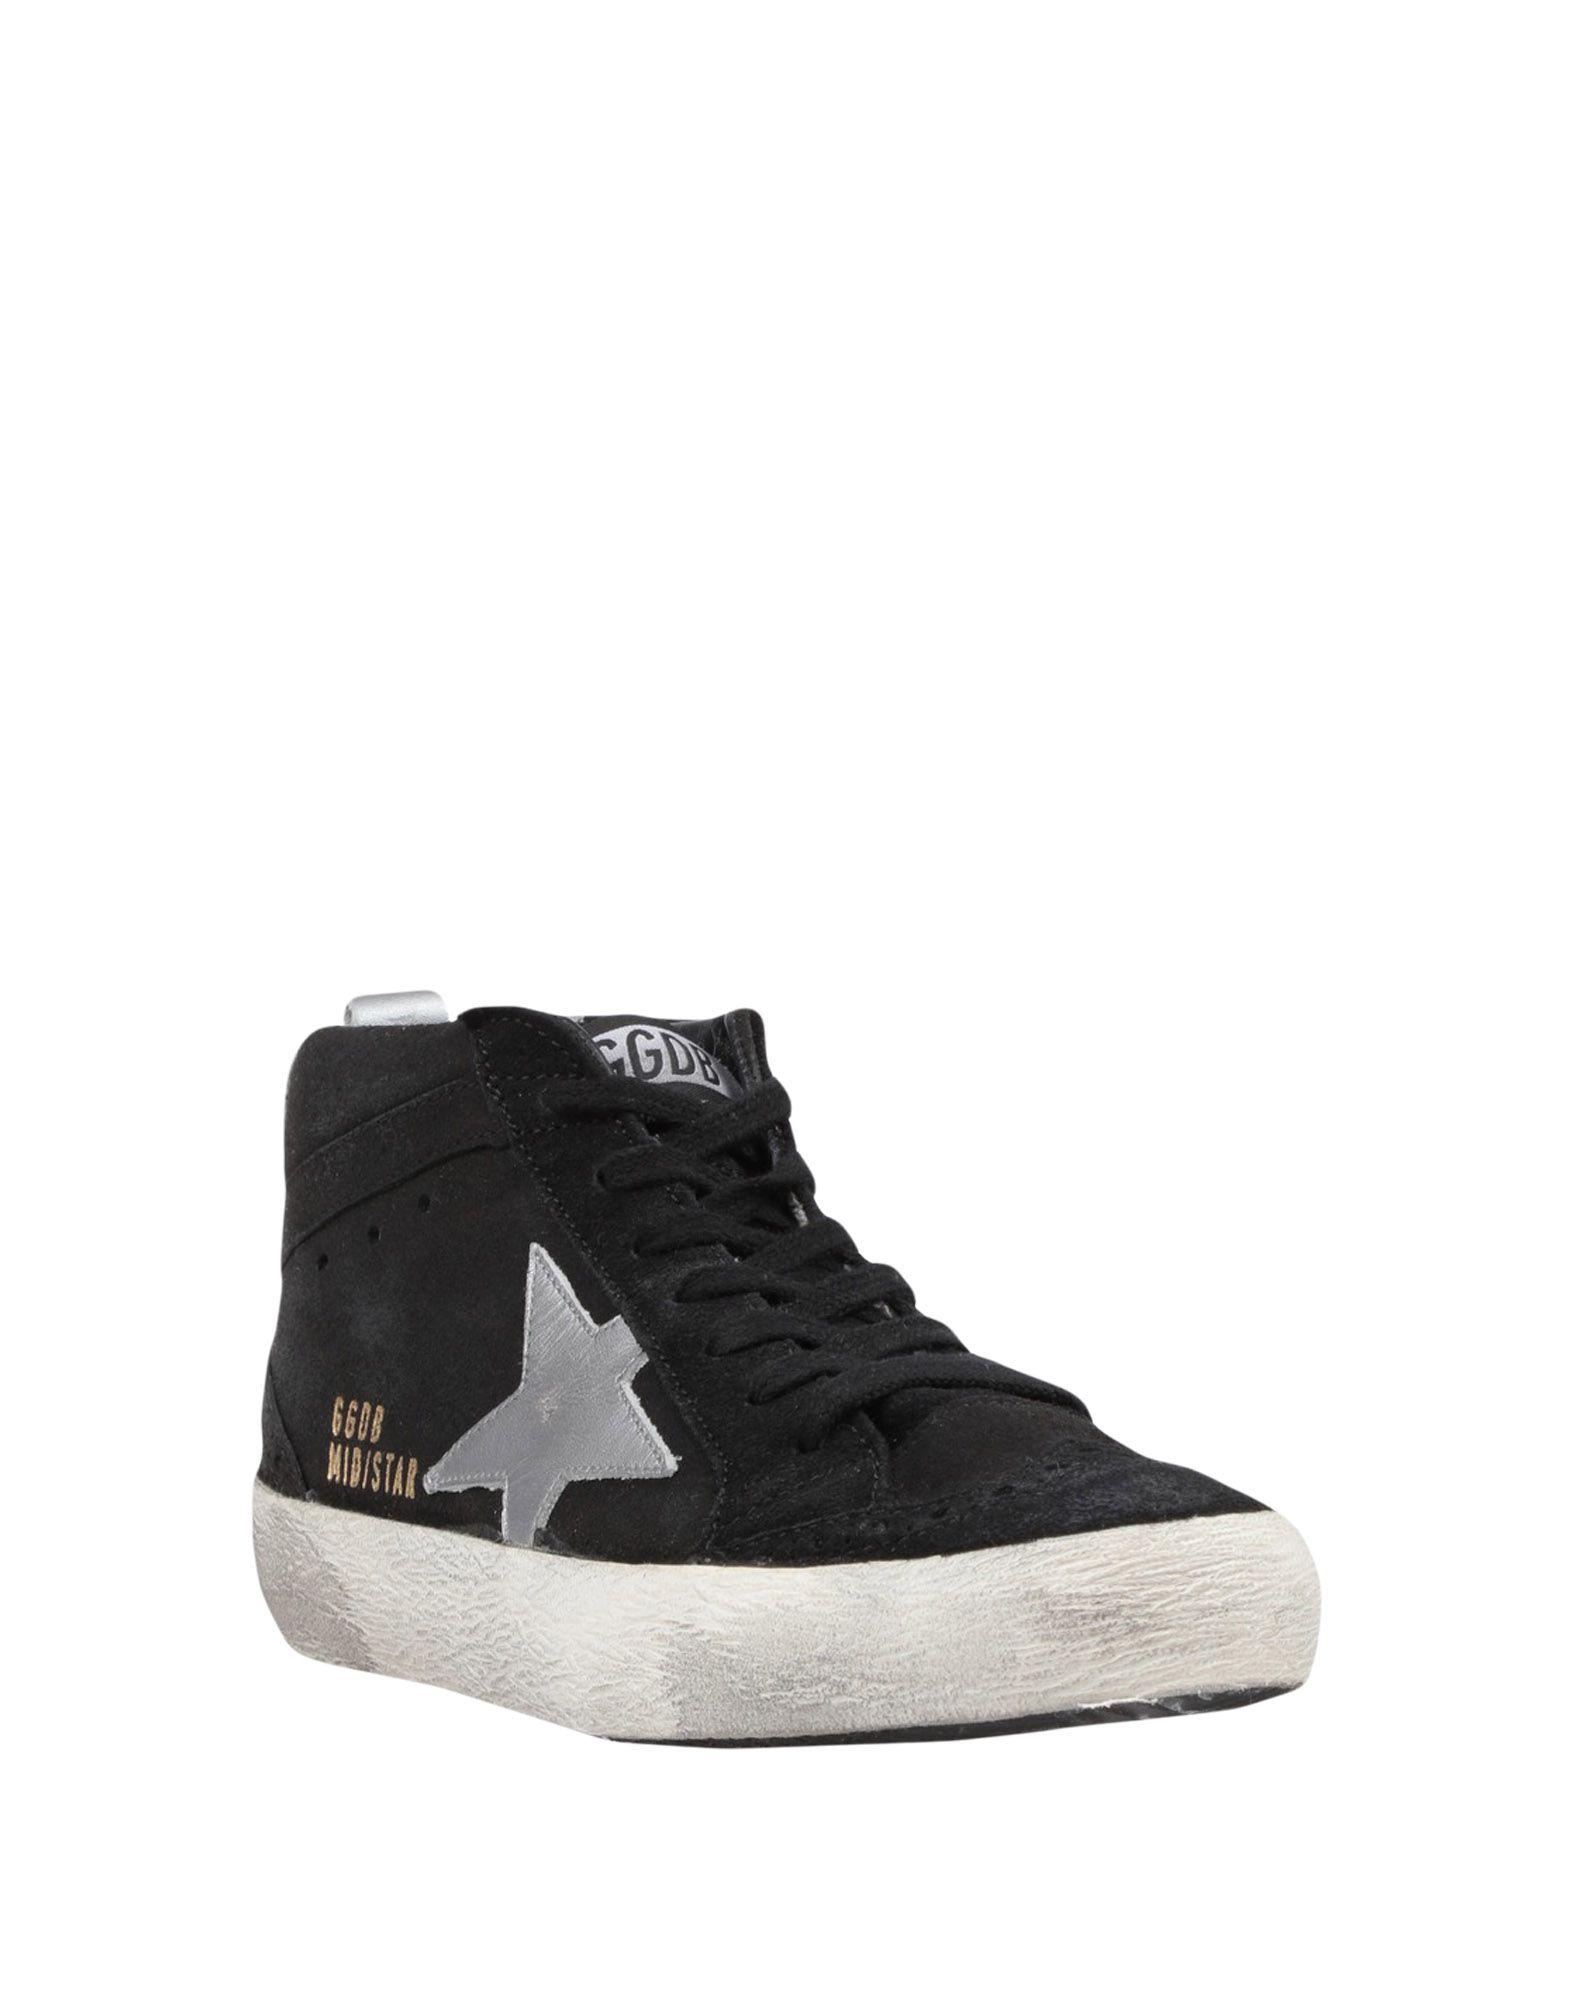 Rabatt Schuhe Golden Goose Deluxe Brand Sneakers Damen  11510087OP